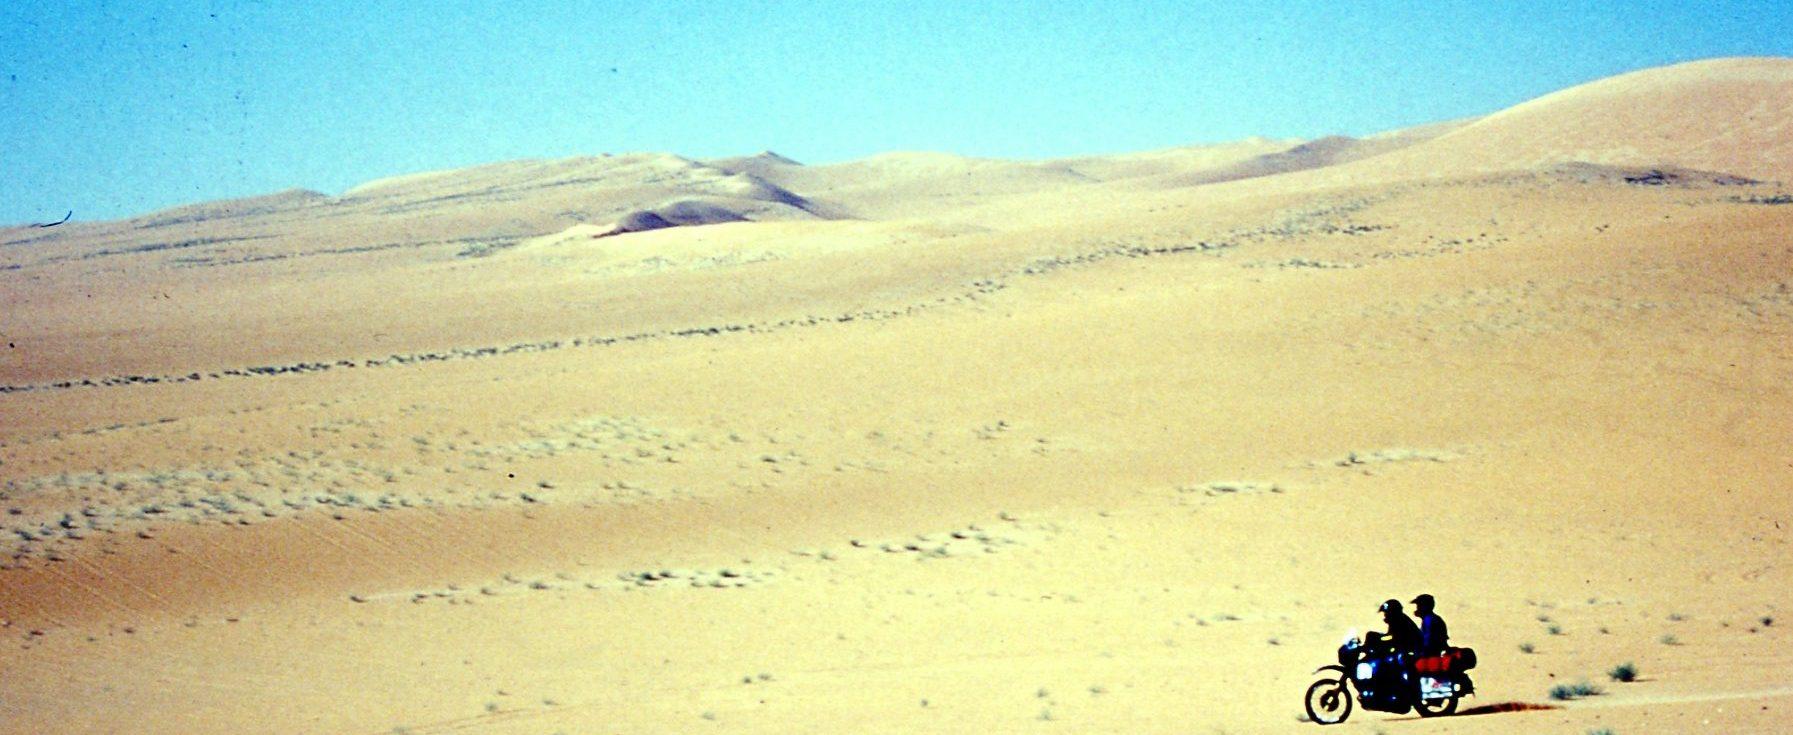 Vermisst - Das Geiseldrama in der Wüste